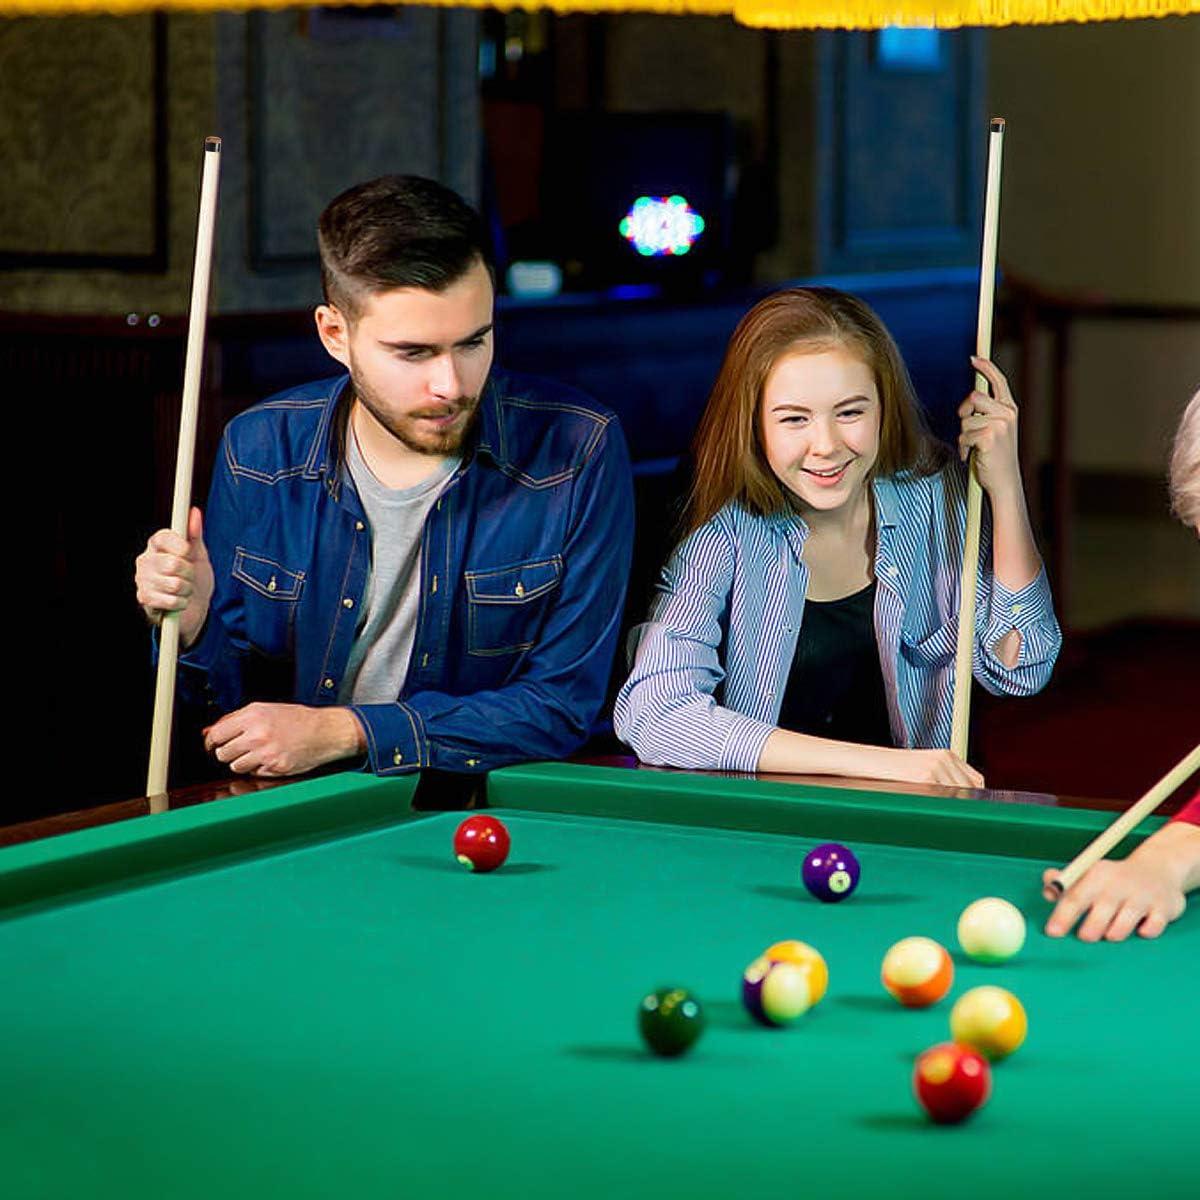 20 Piezas 10mm Puntas de Billar Duro Puntas de Repuesto de Rosca de latón con Punteras de Billar Pool Punteras de Billar de Snooker: Amazon.es: Deportes y aire libre